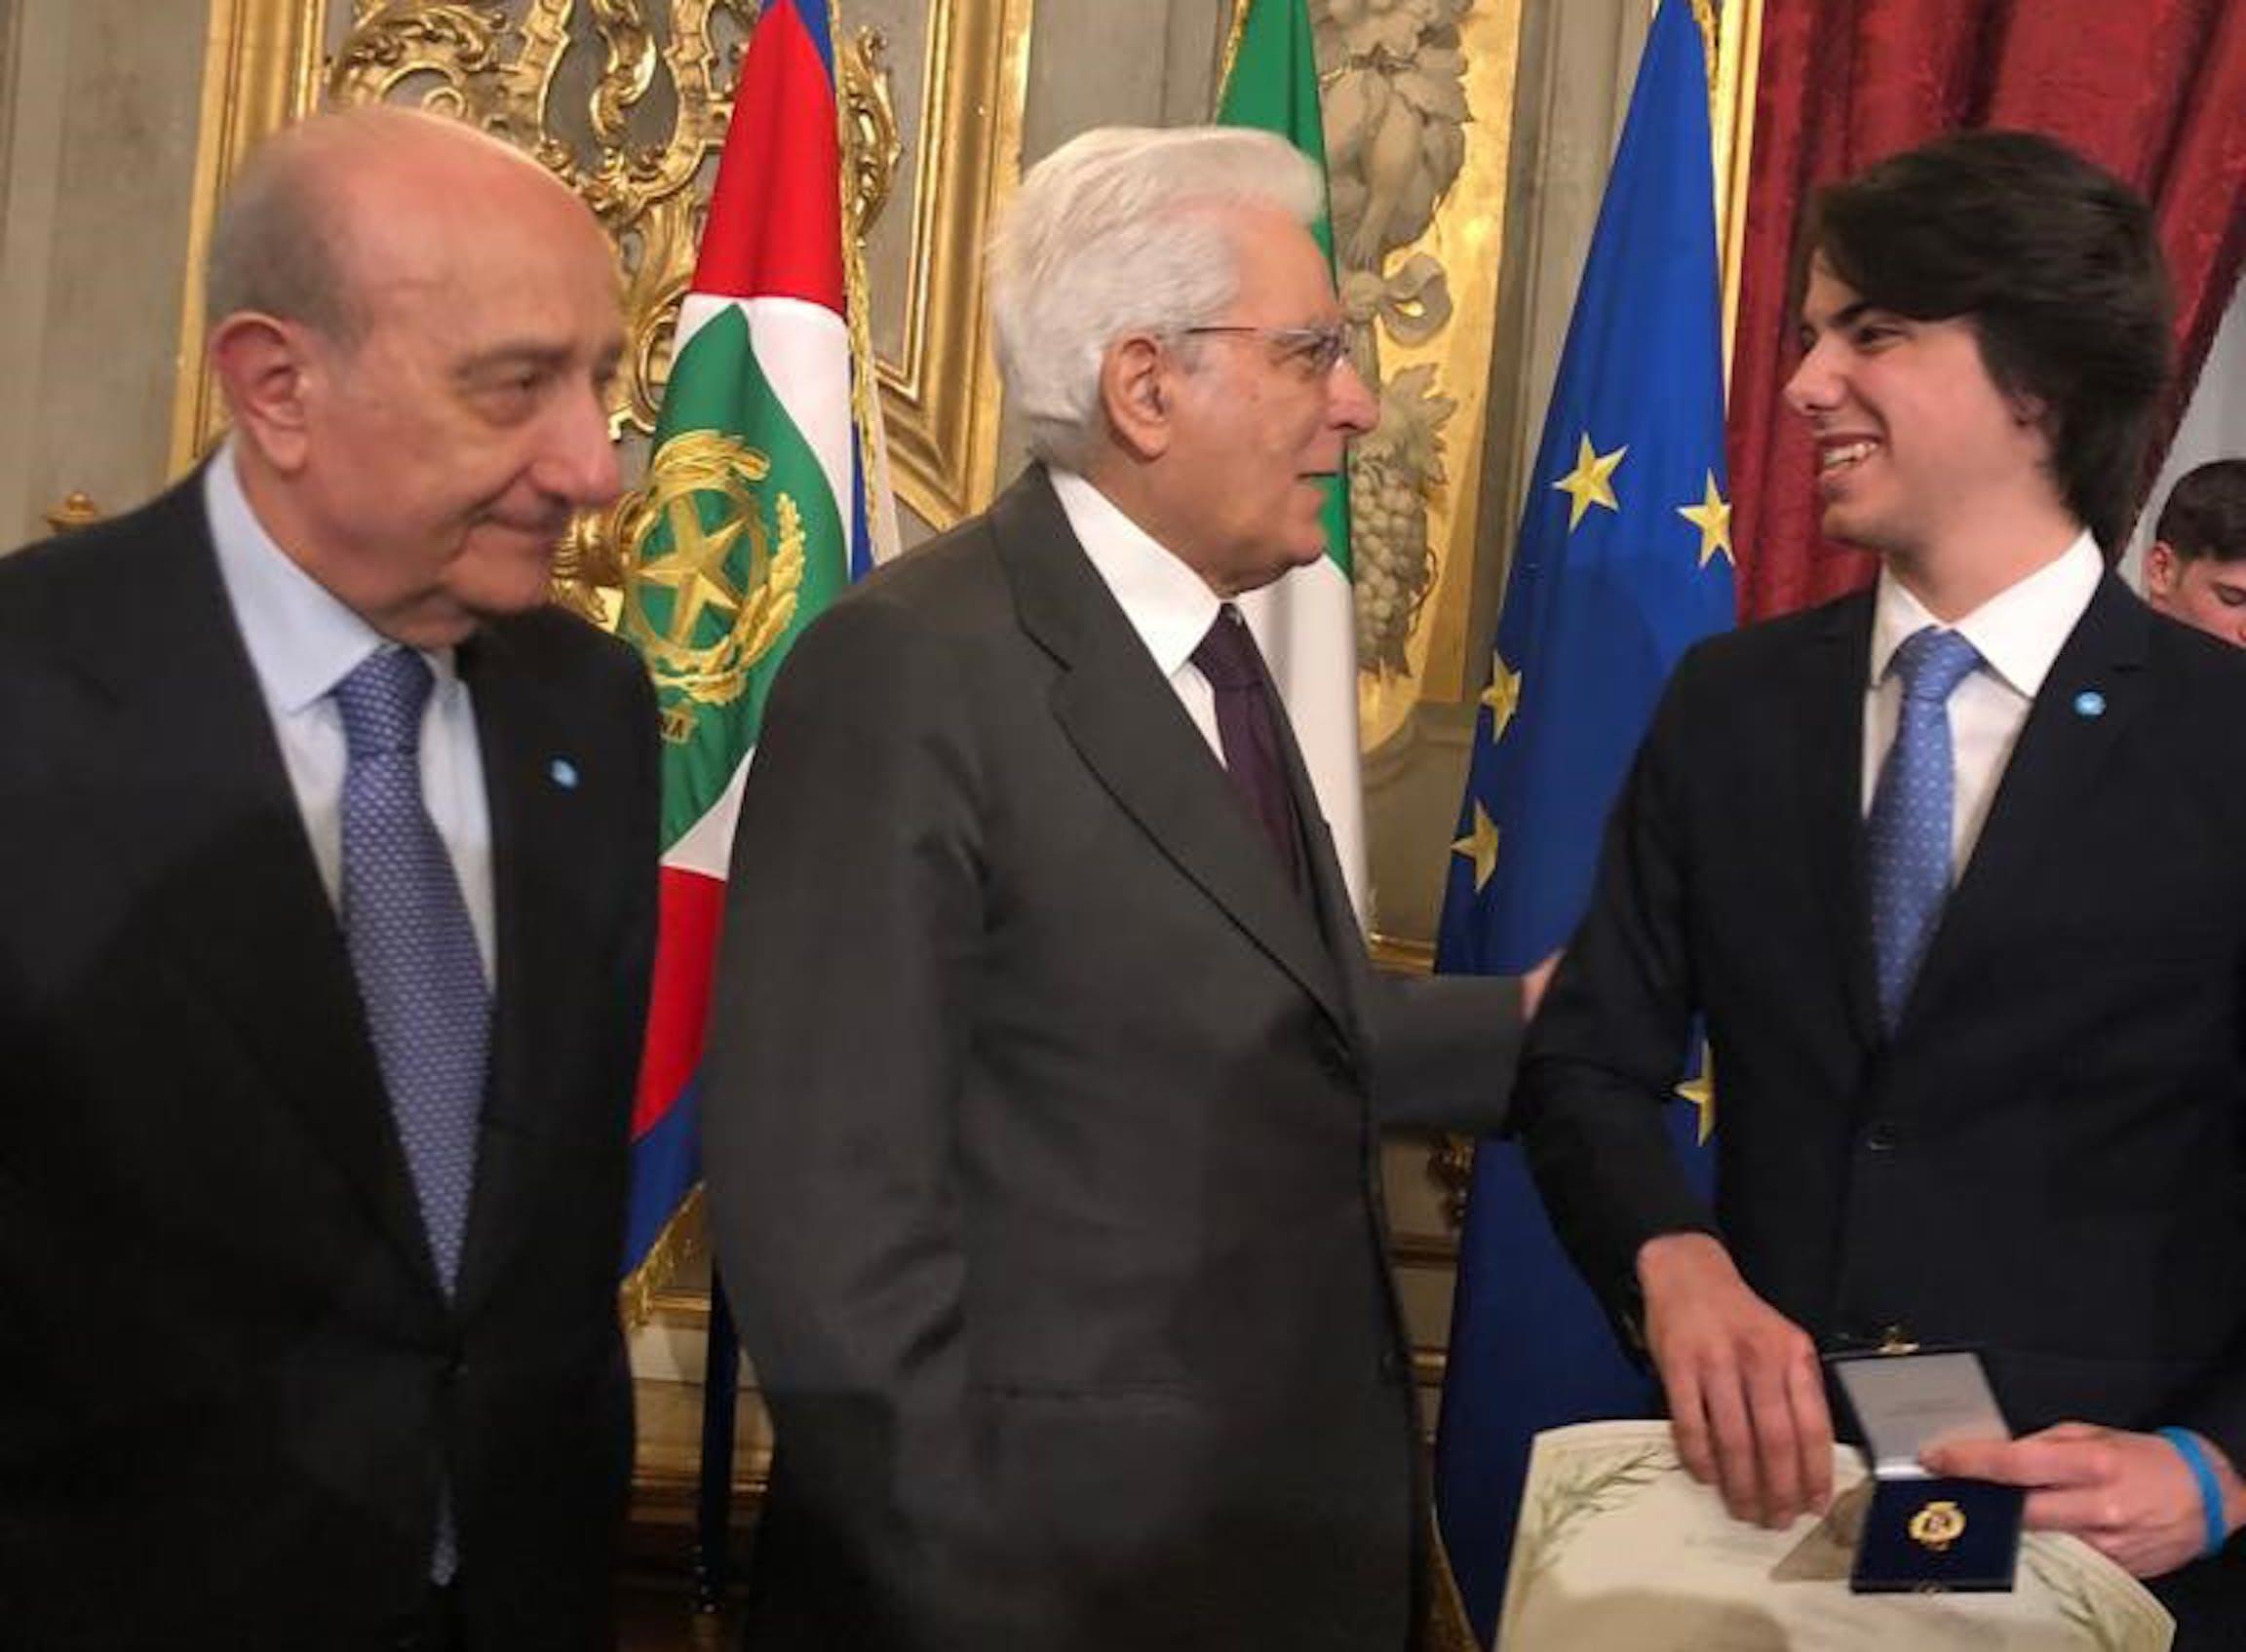 Il presendente dell'UNICEF Francesco Samengo, il president Mattarella e il volontario Jacopo Cavagna durante la consegna dell'attestato d'onore di Alfiere della Repubblica - ©Quirinale